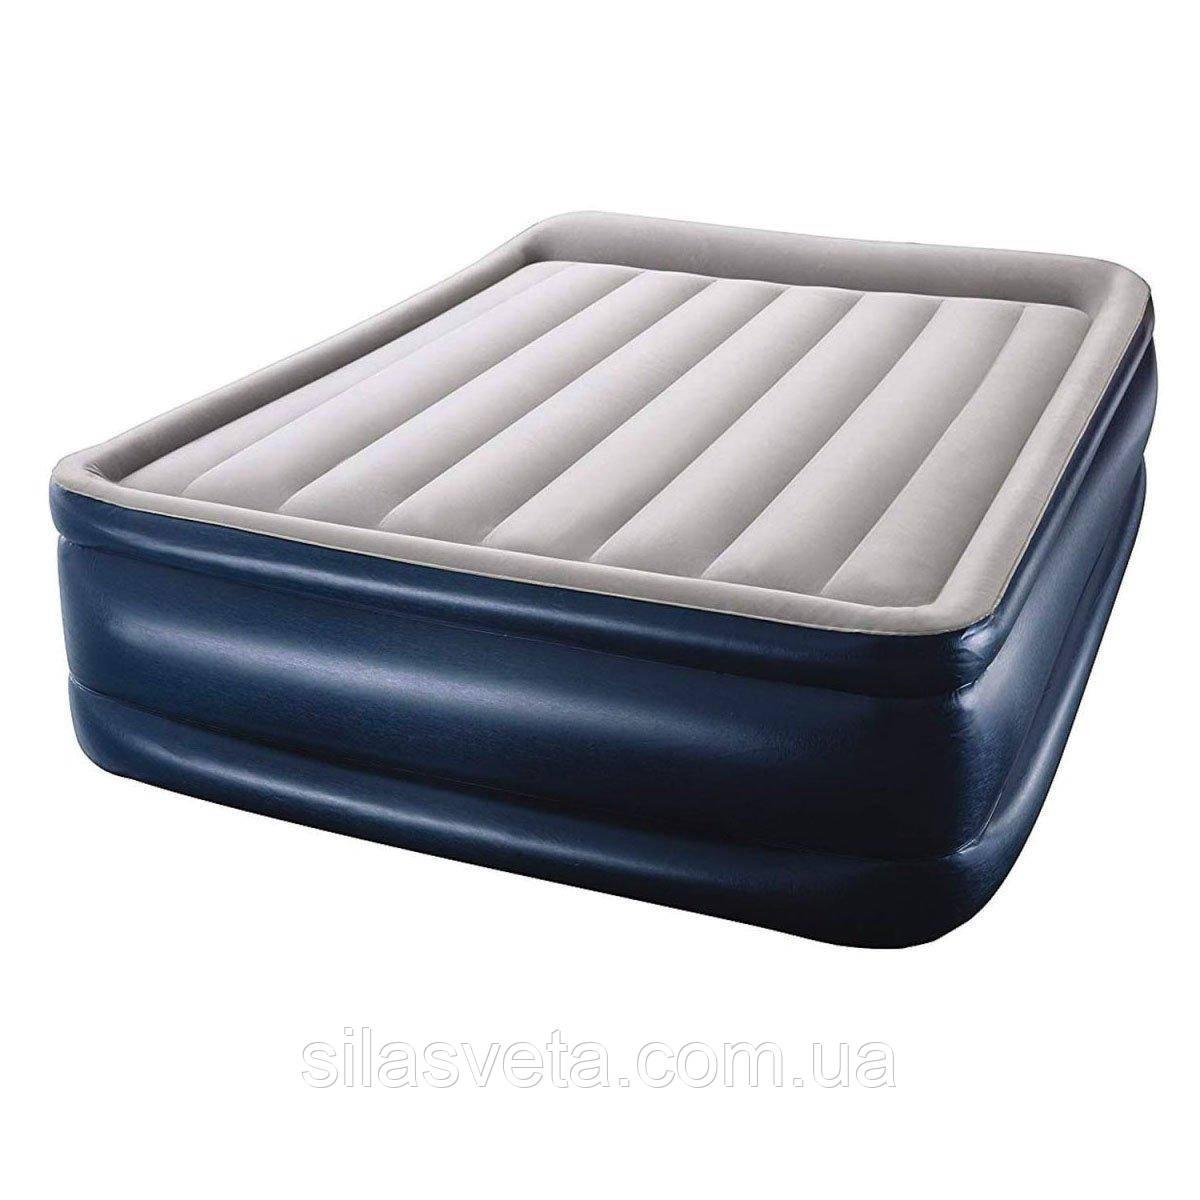 Надувная 2-х спальная кровать Bestway 67614 Tritech Airbed (203x152x56см)с электронасосом +2 подушки